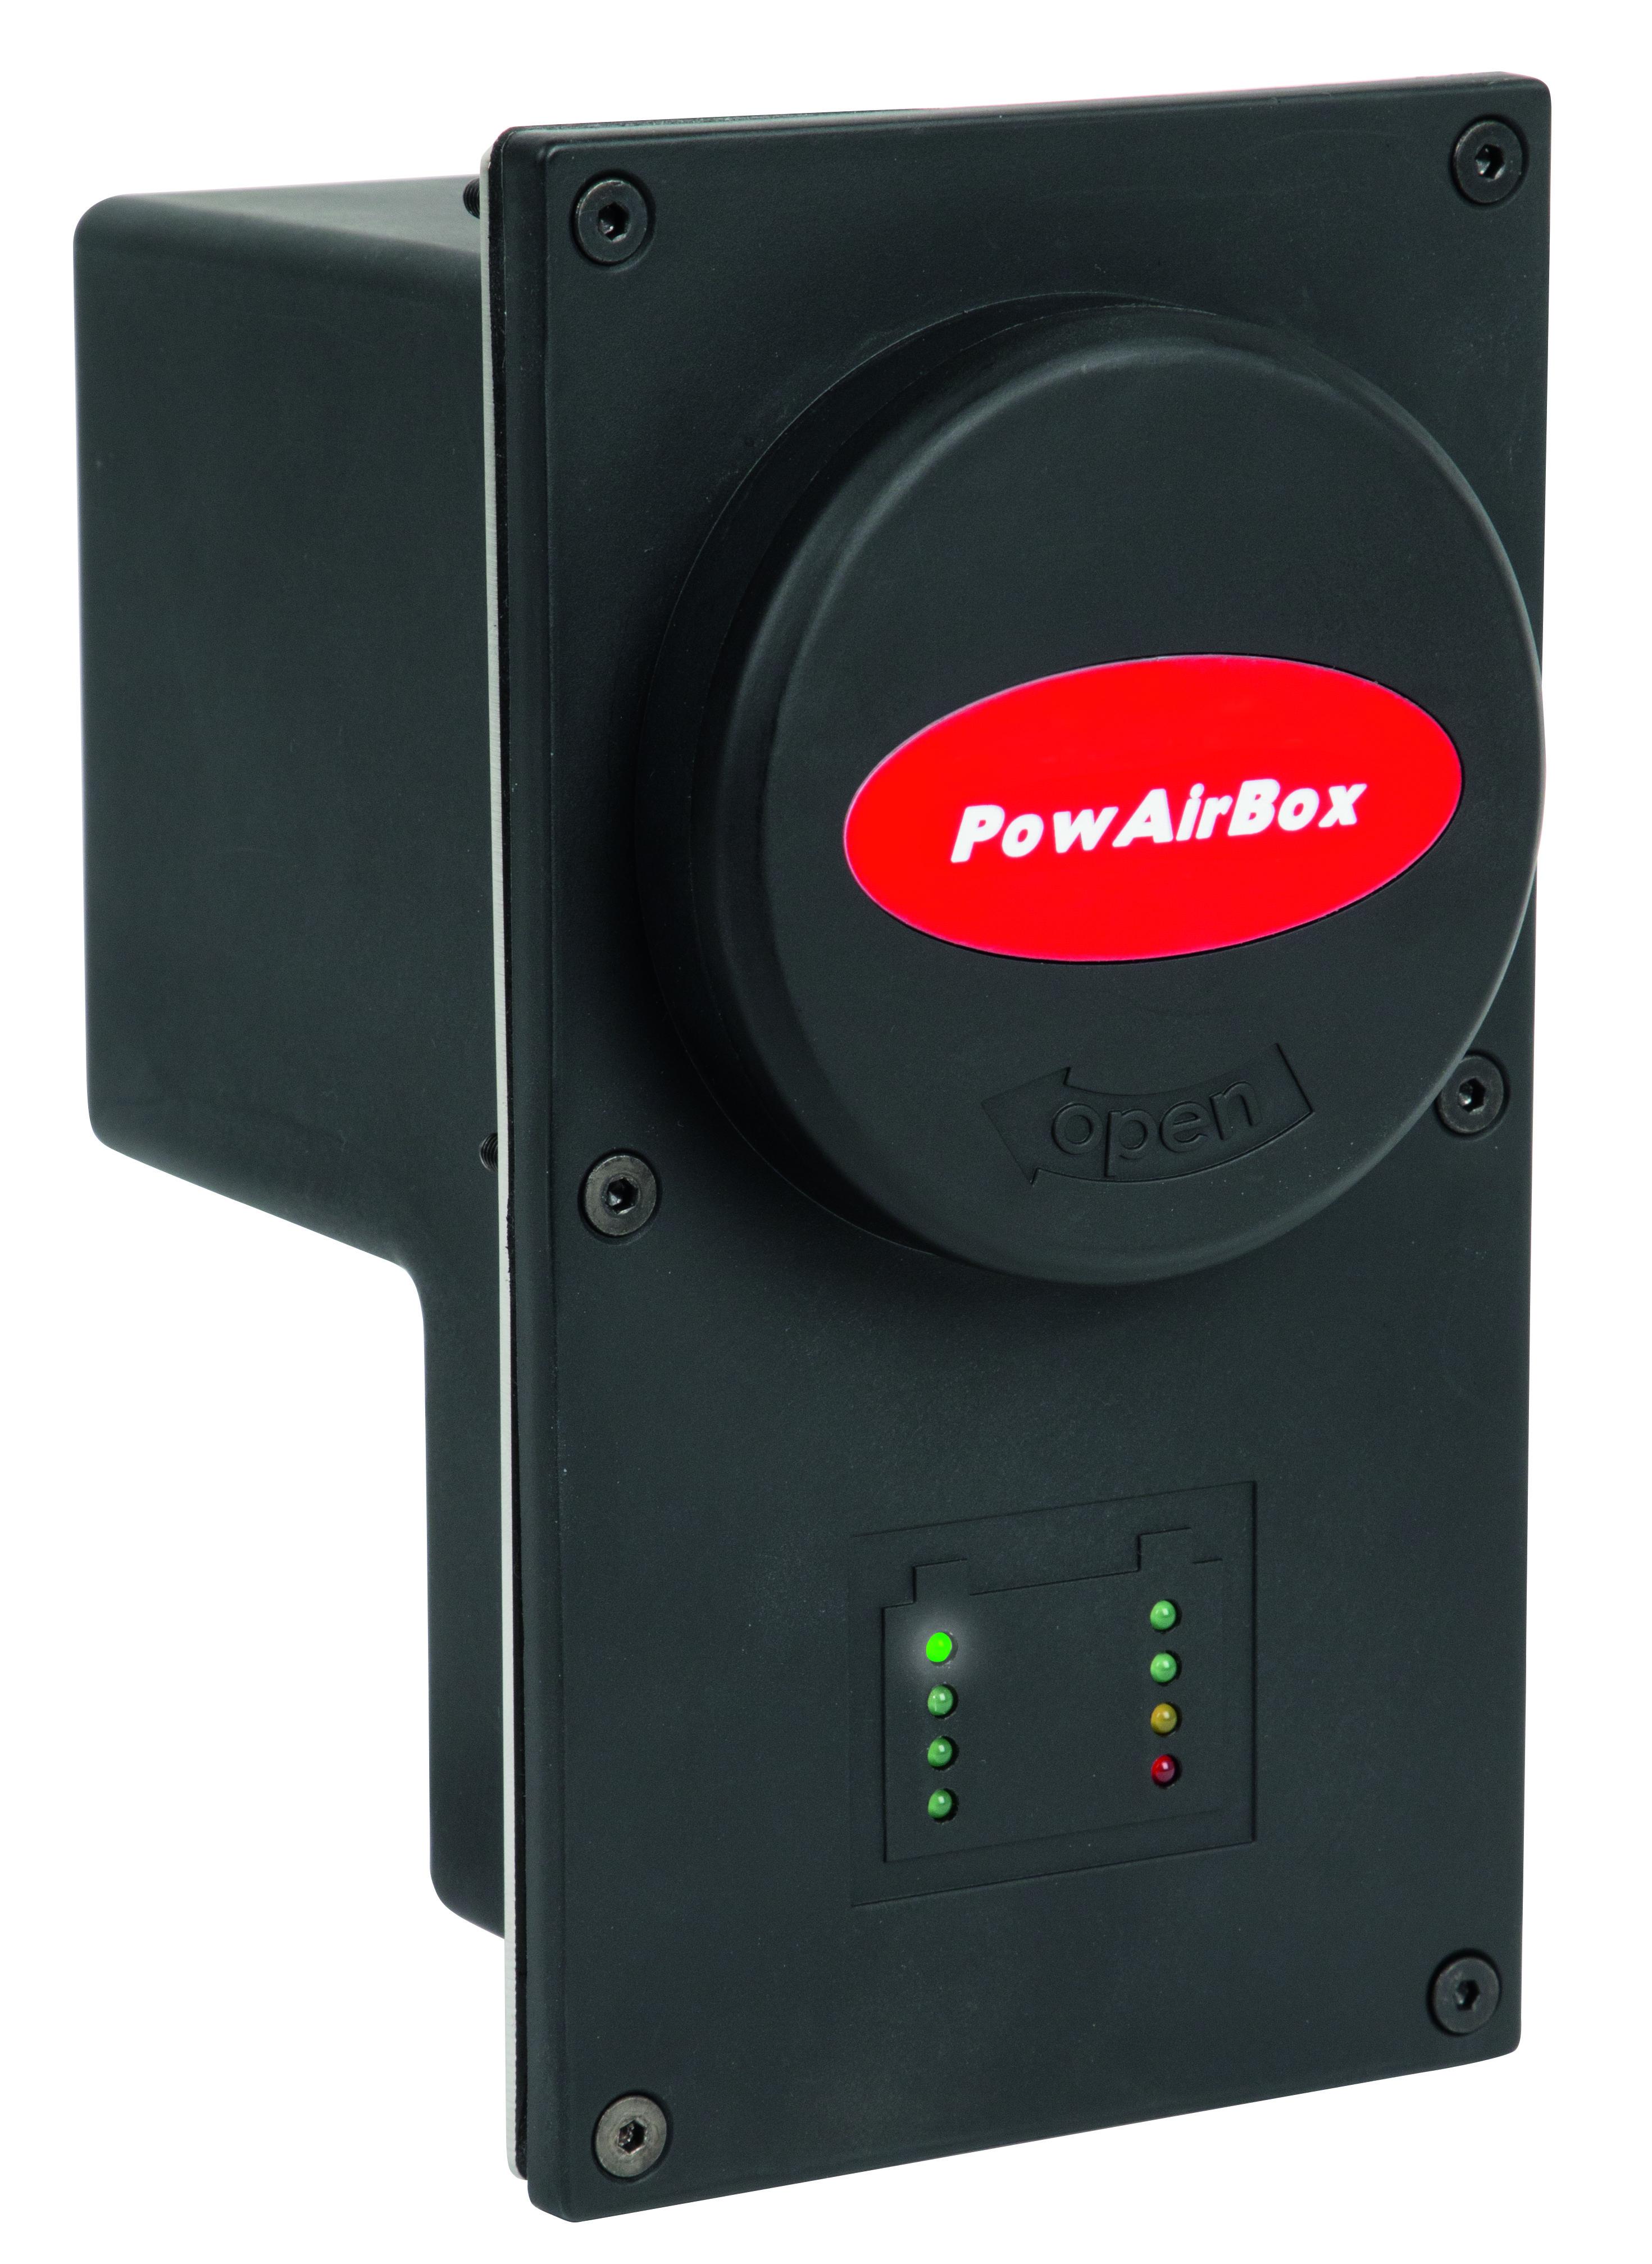 PowAirBox A Einspeisung 230 V mit Druckluft Image